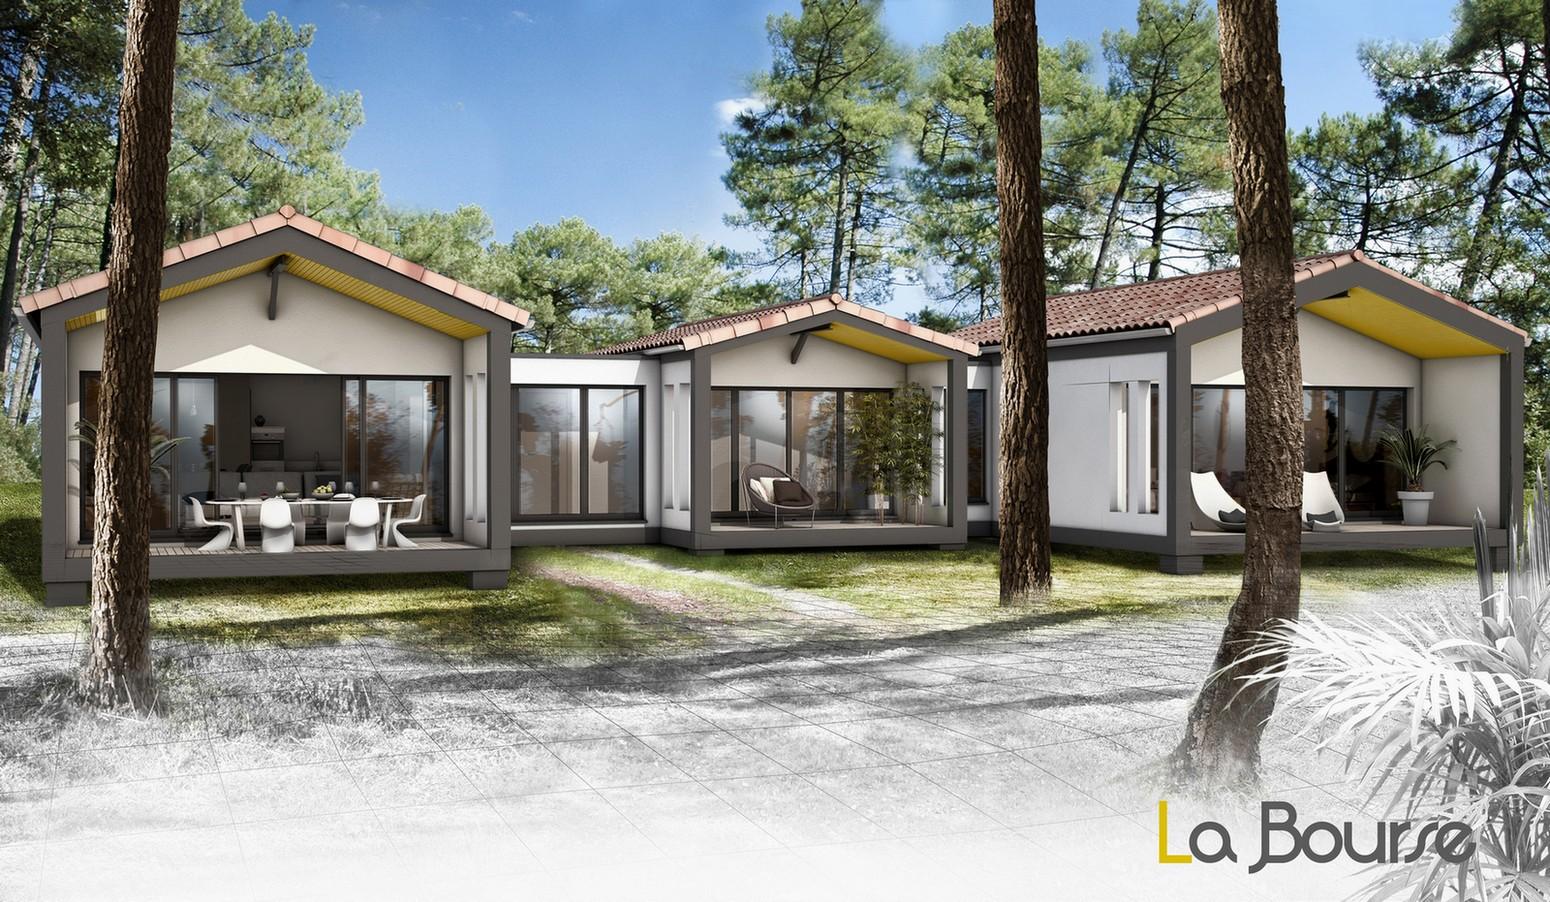 Archymade constructeur de maison individuelle kansei for Constructeur de maison individuelle 95